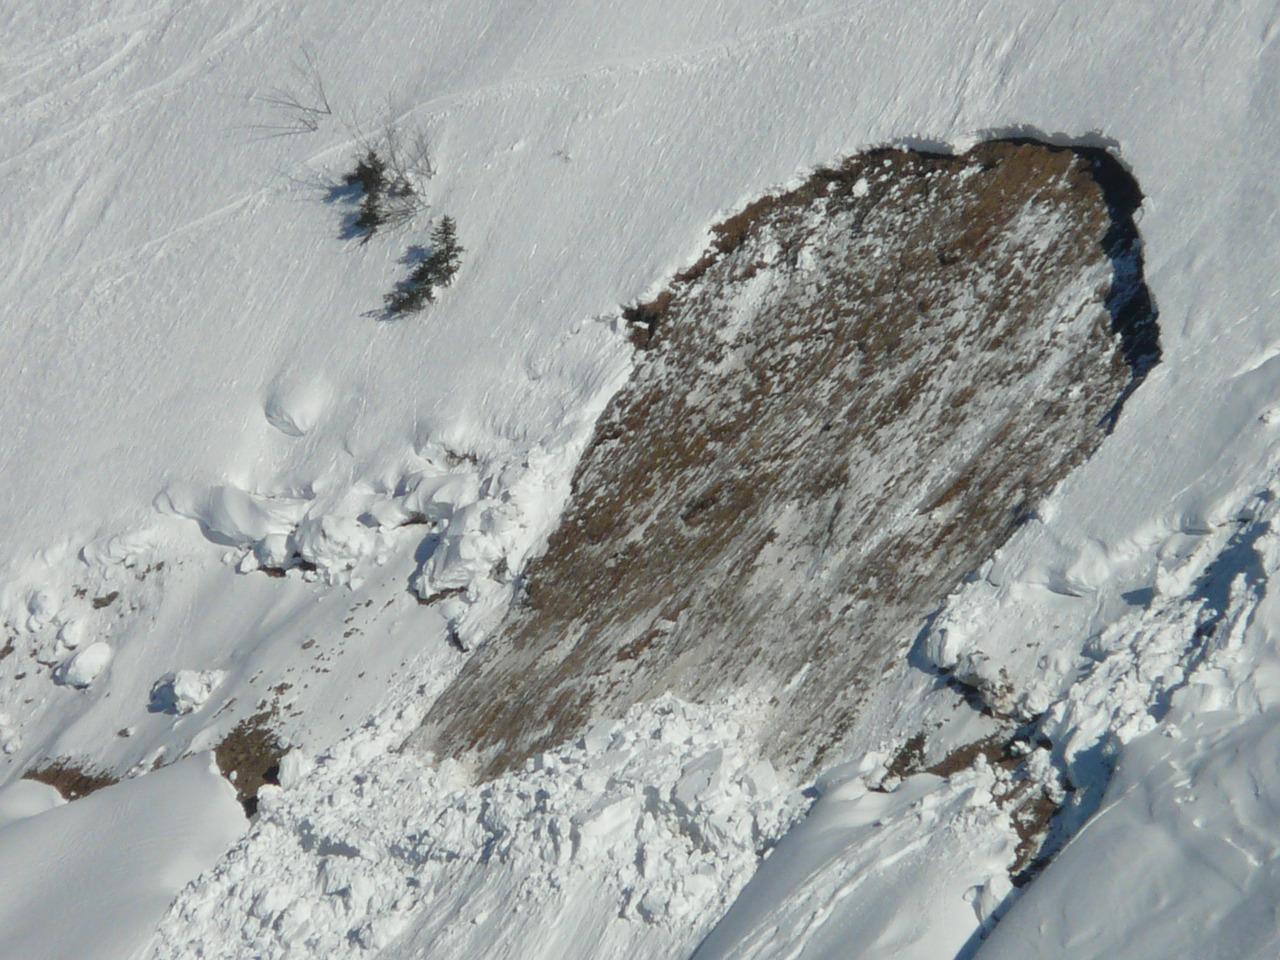 Neige. les Pyrénées en alerte avalanche